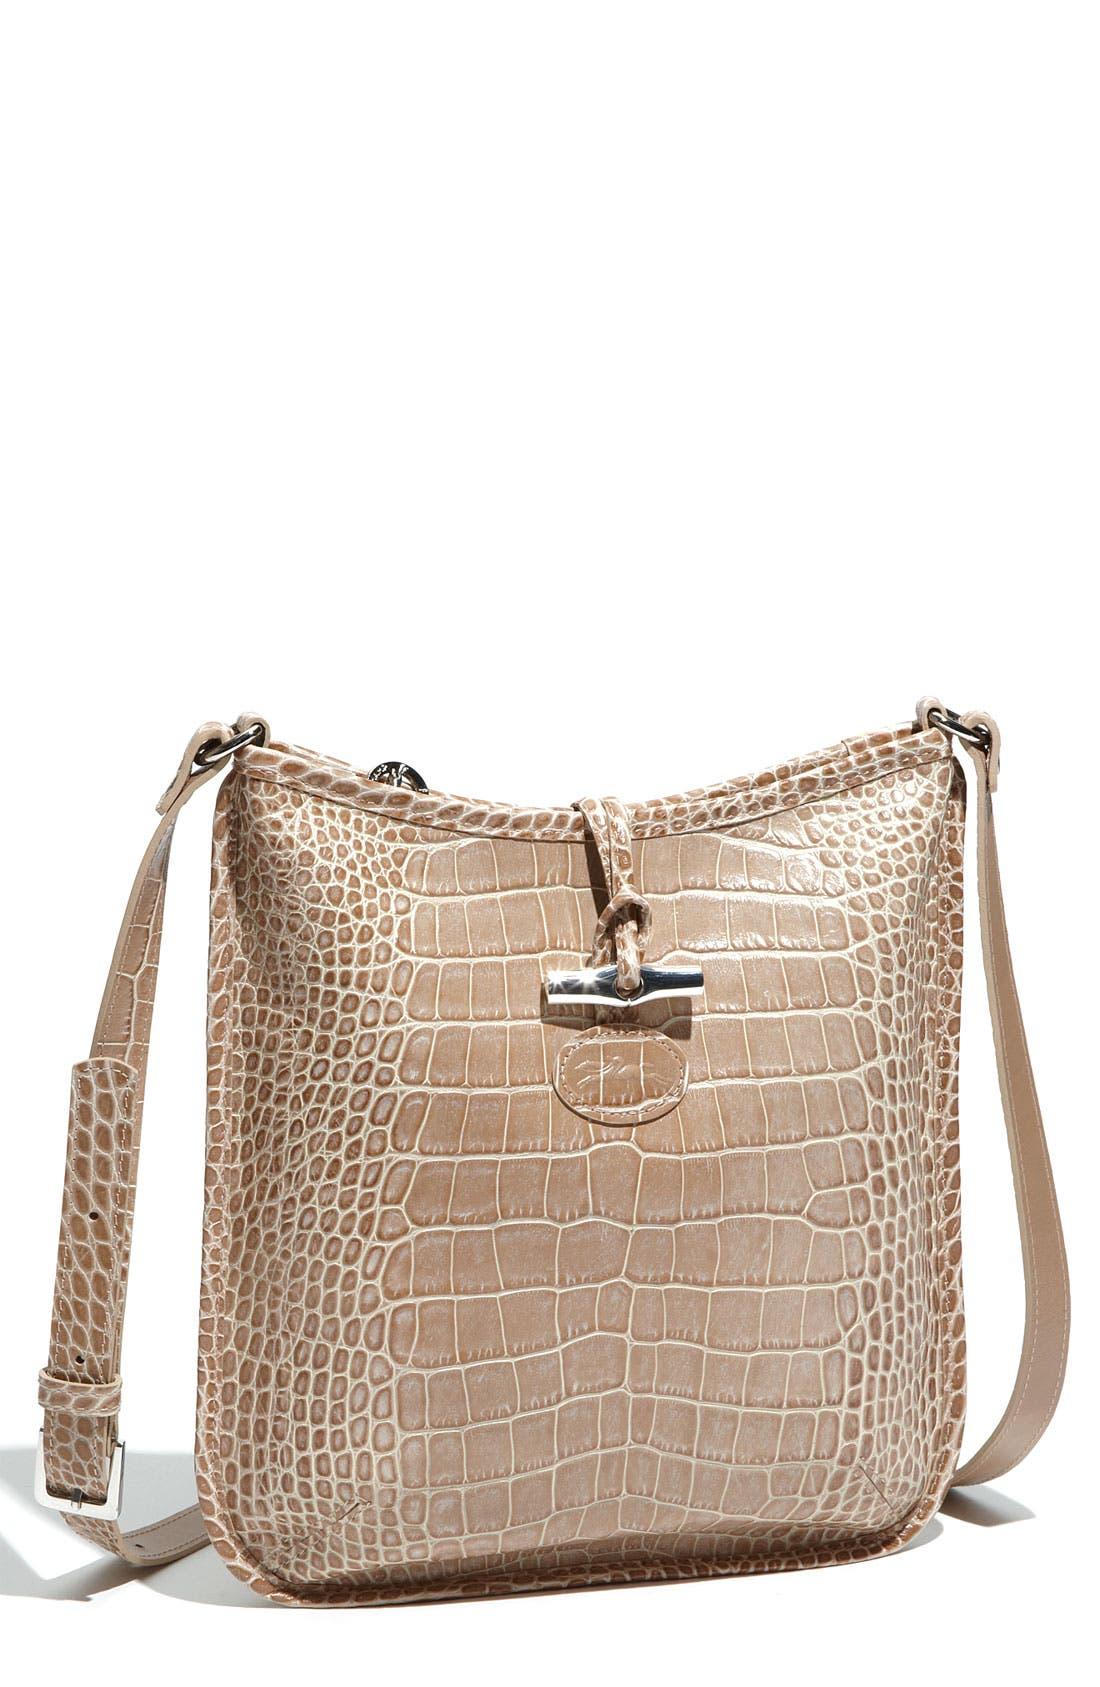 Alternate Image 1 Selected - Longchamp 'Roseau' Croc Embossed Crossbody Bag